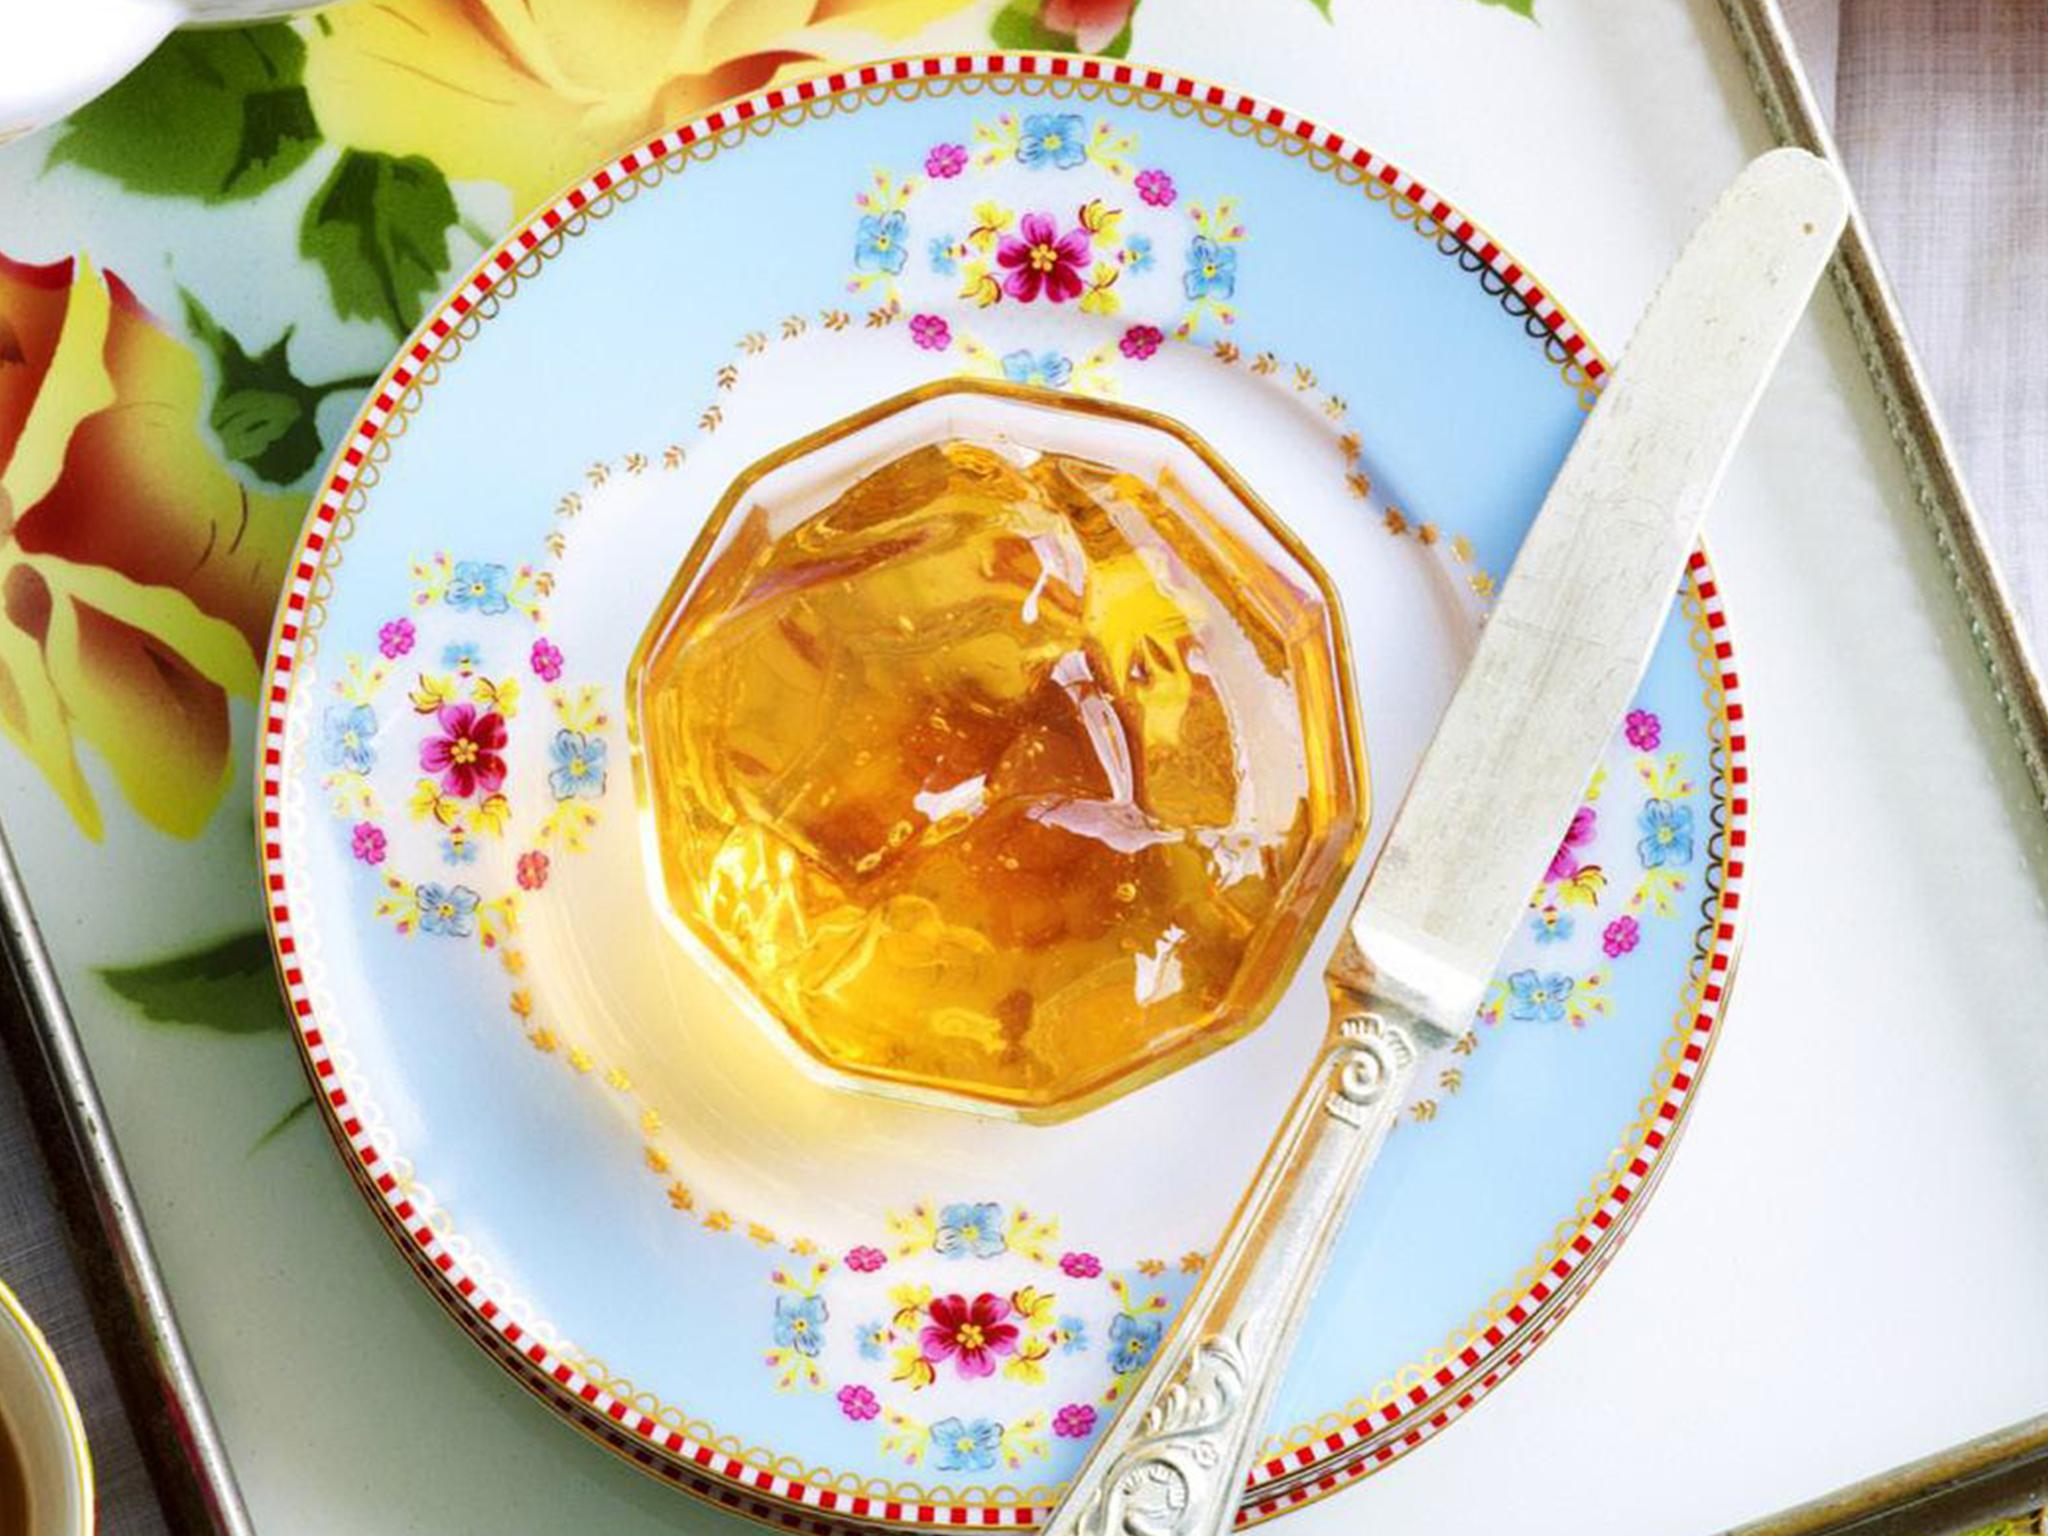 apple jelly - Apple Jelly Recipes